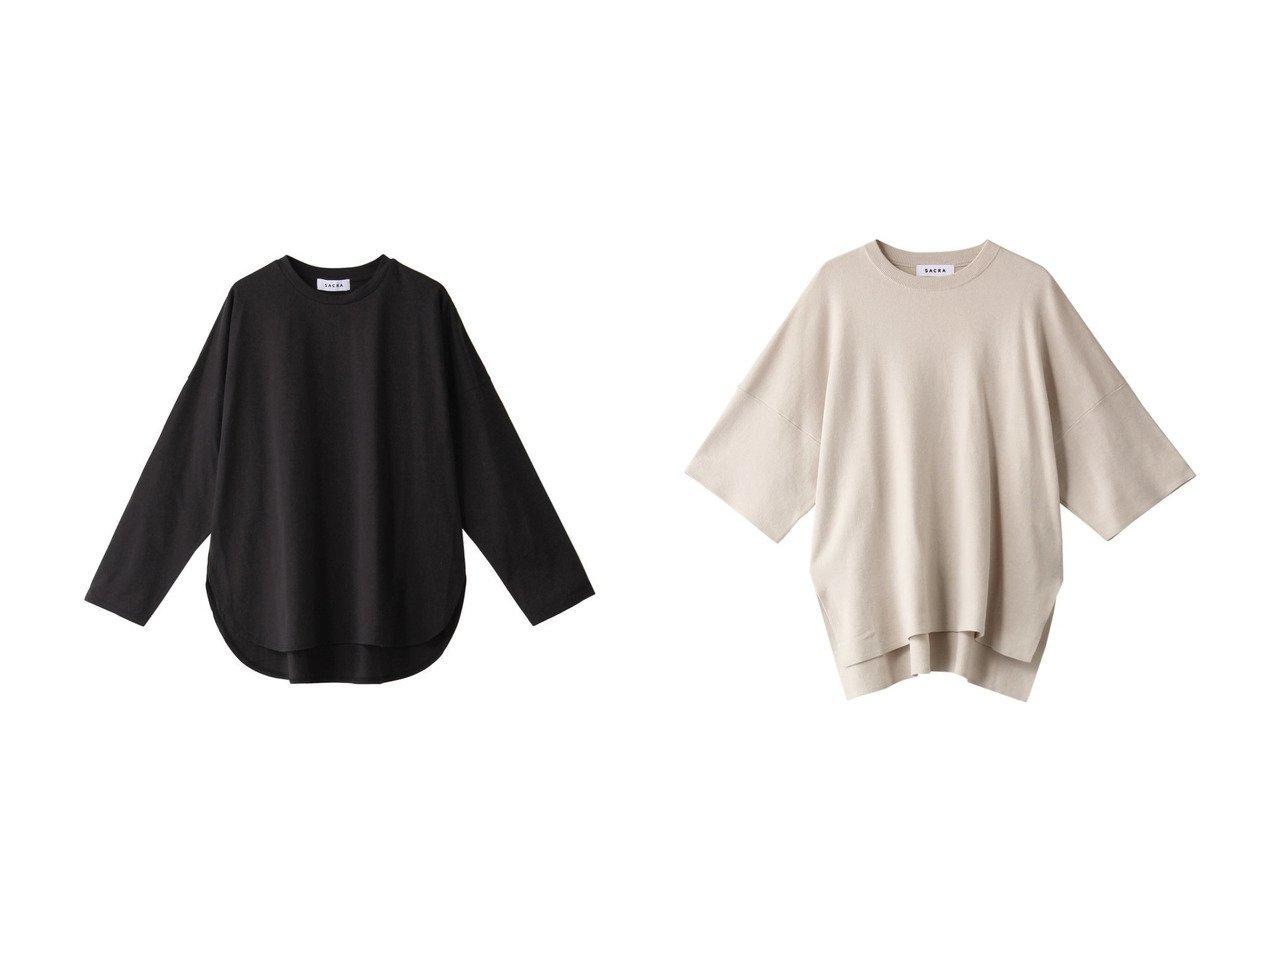 【SACRA/サクラ】のコンパクトシルクコットンロングスリーブTシャツ&コットンダブルニットプルオーバー SACRAのおすすめ!人気、トレンド・レディースファッションの通販 おすすめで人気の流行・トレンド、ファッションの通販商品 メンズファッション・キッズファッション・インテリア・家具・レディースファッション・服の通販 founy(ファニー) https://founy.com/ ファッション Fashion レディースファッション WOMEN トップス カットソー Tops Tshirt シャツ/ブラウス Shirts Blouses ロング / Tシャツ T-Shirts カットソー Cut and Sewn ニット Knit Tops プルオーバー Pullover 2021年 2021 2021 春夏 S/S SS Spring/Summer 2021 S/S 春夏 SS Spring/Summer なめらか シルク シンプル スリーブ リラックス ロング 定番 Standard 春 Spring |ID:crp329100000020496